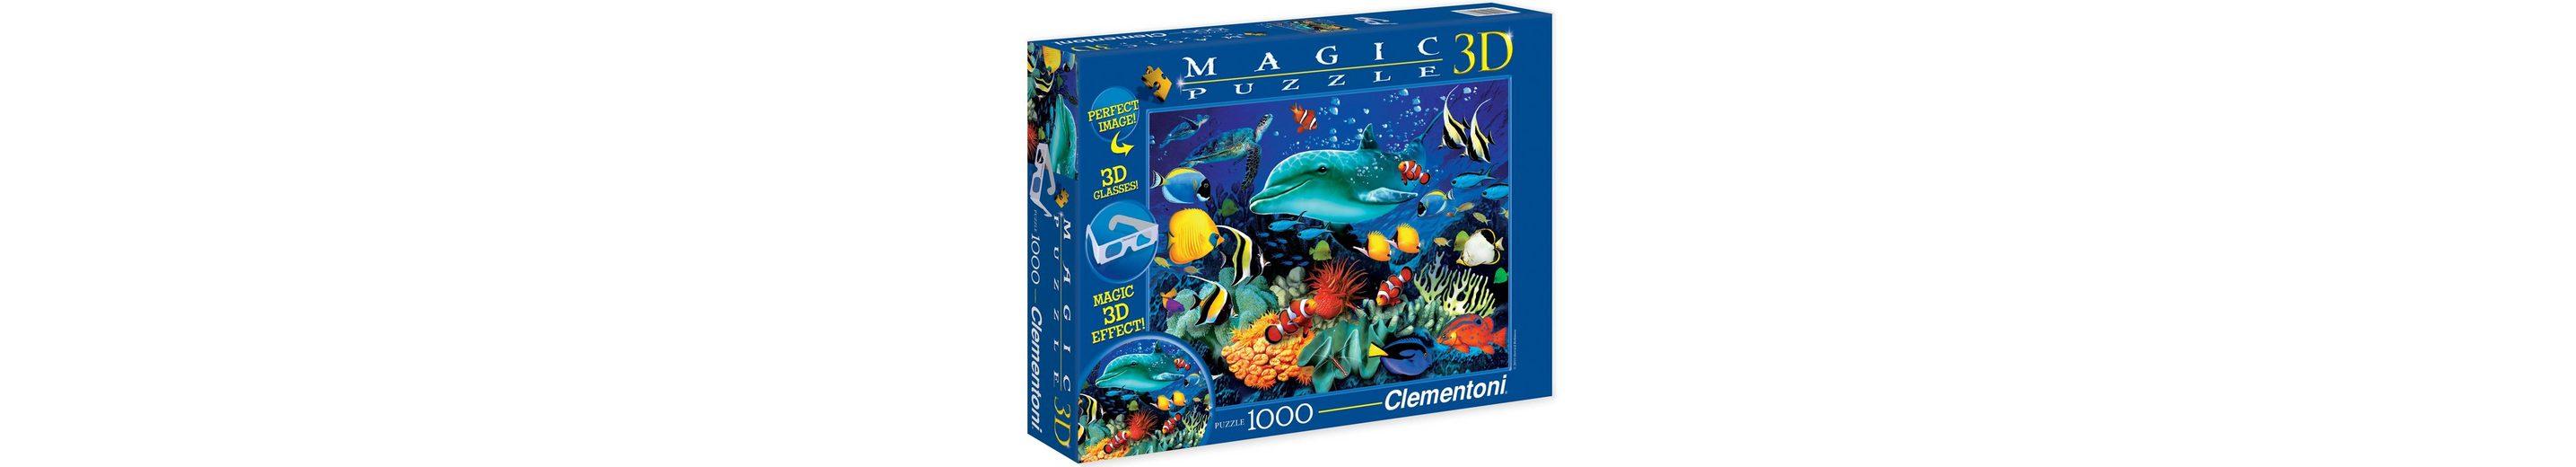 Clementoni 3D Effekt Puzzle, 1000 Teile, »Dolphin Reef«